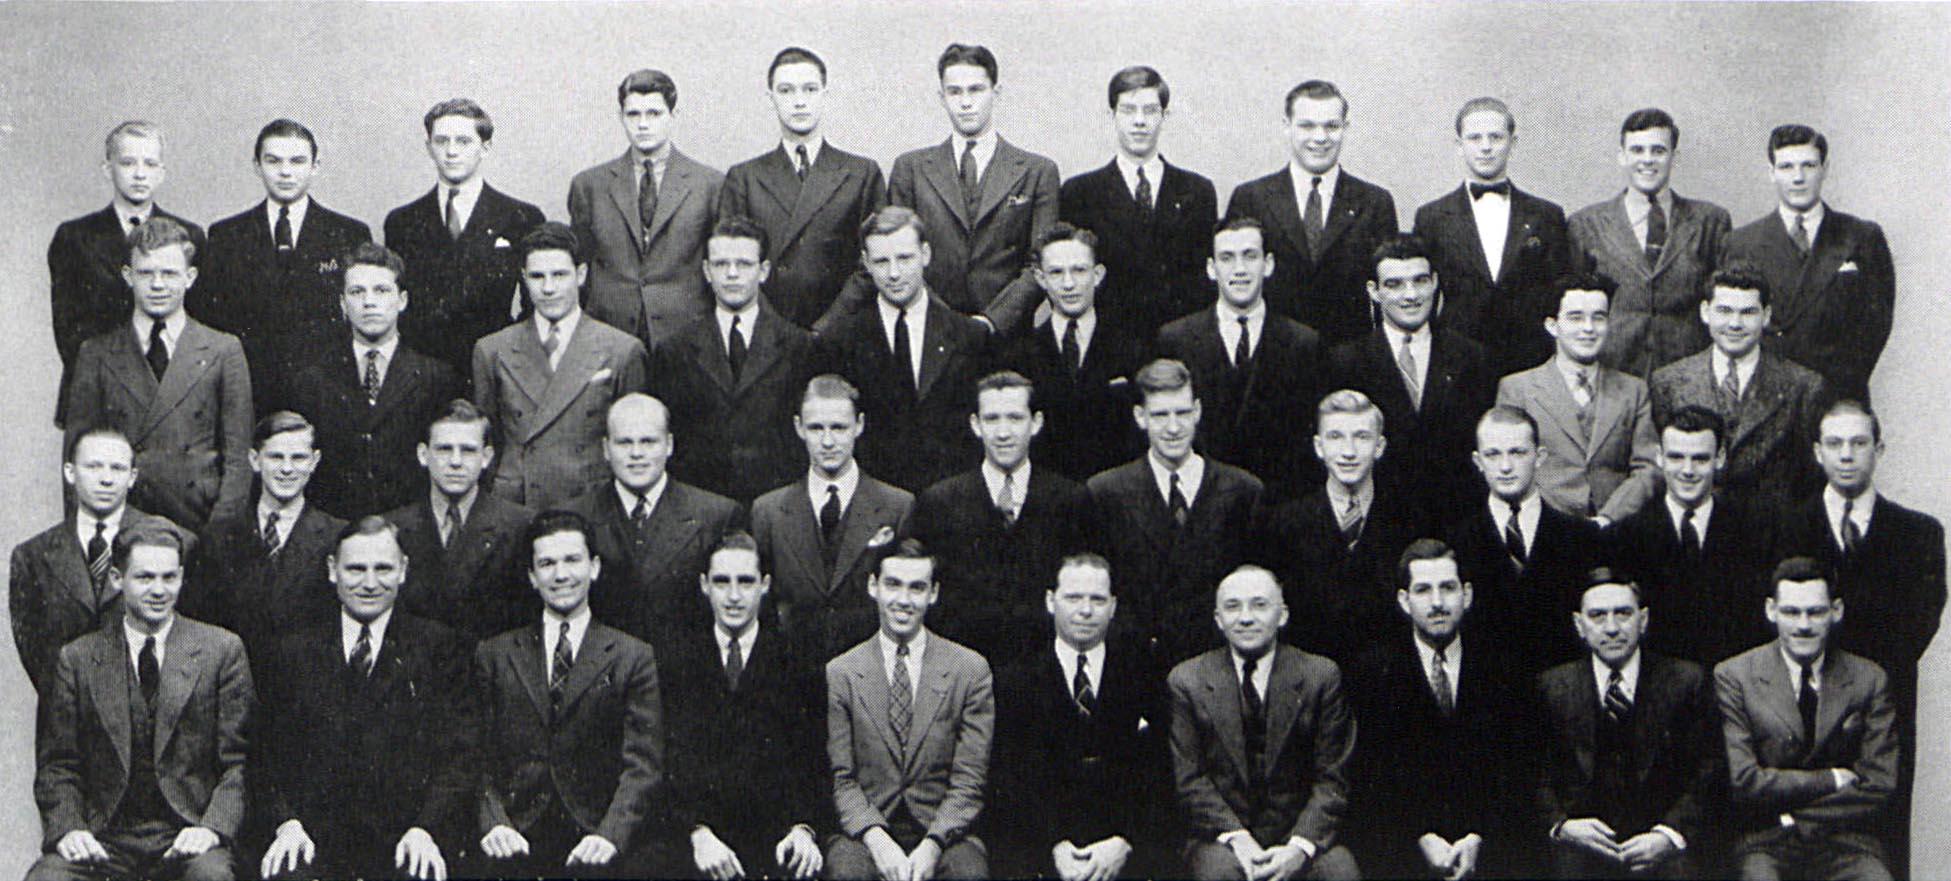 alter-lavie1940-02.jpg